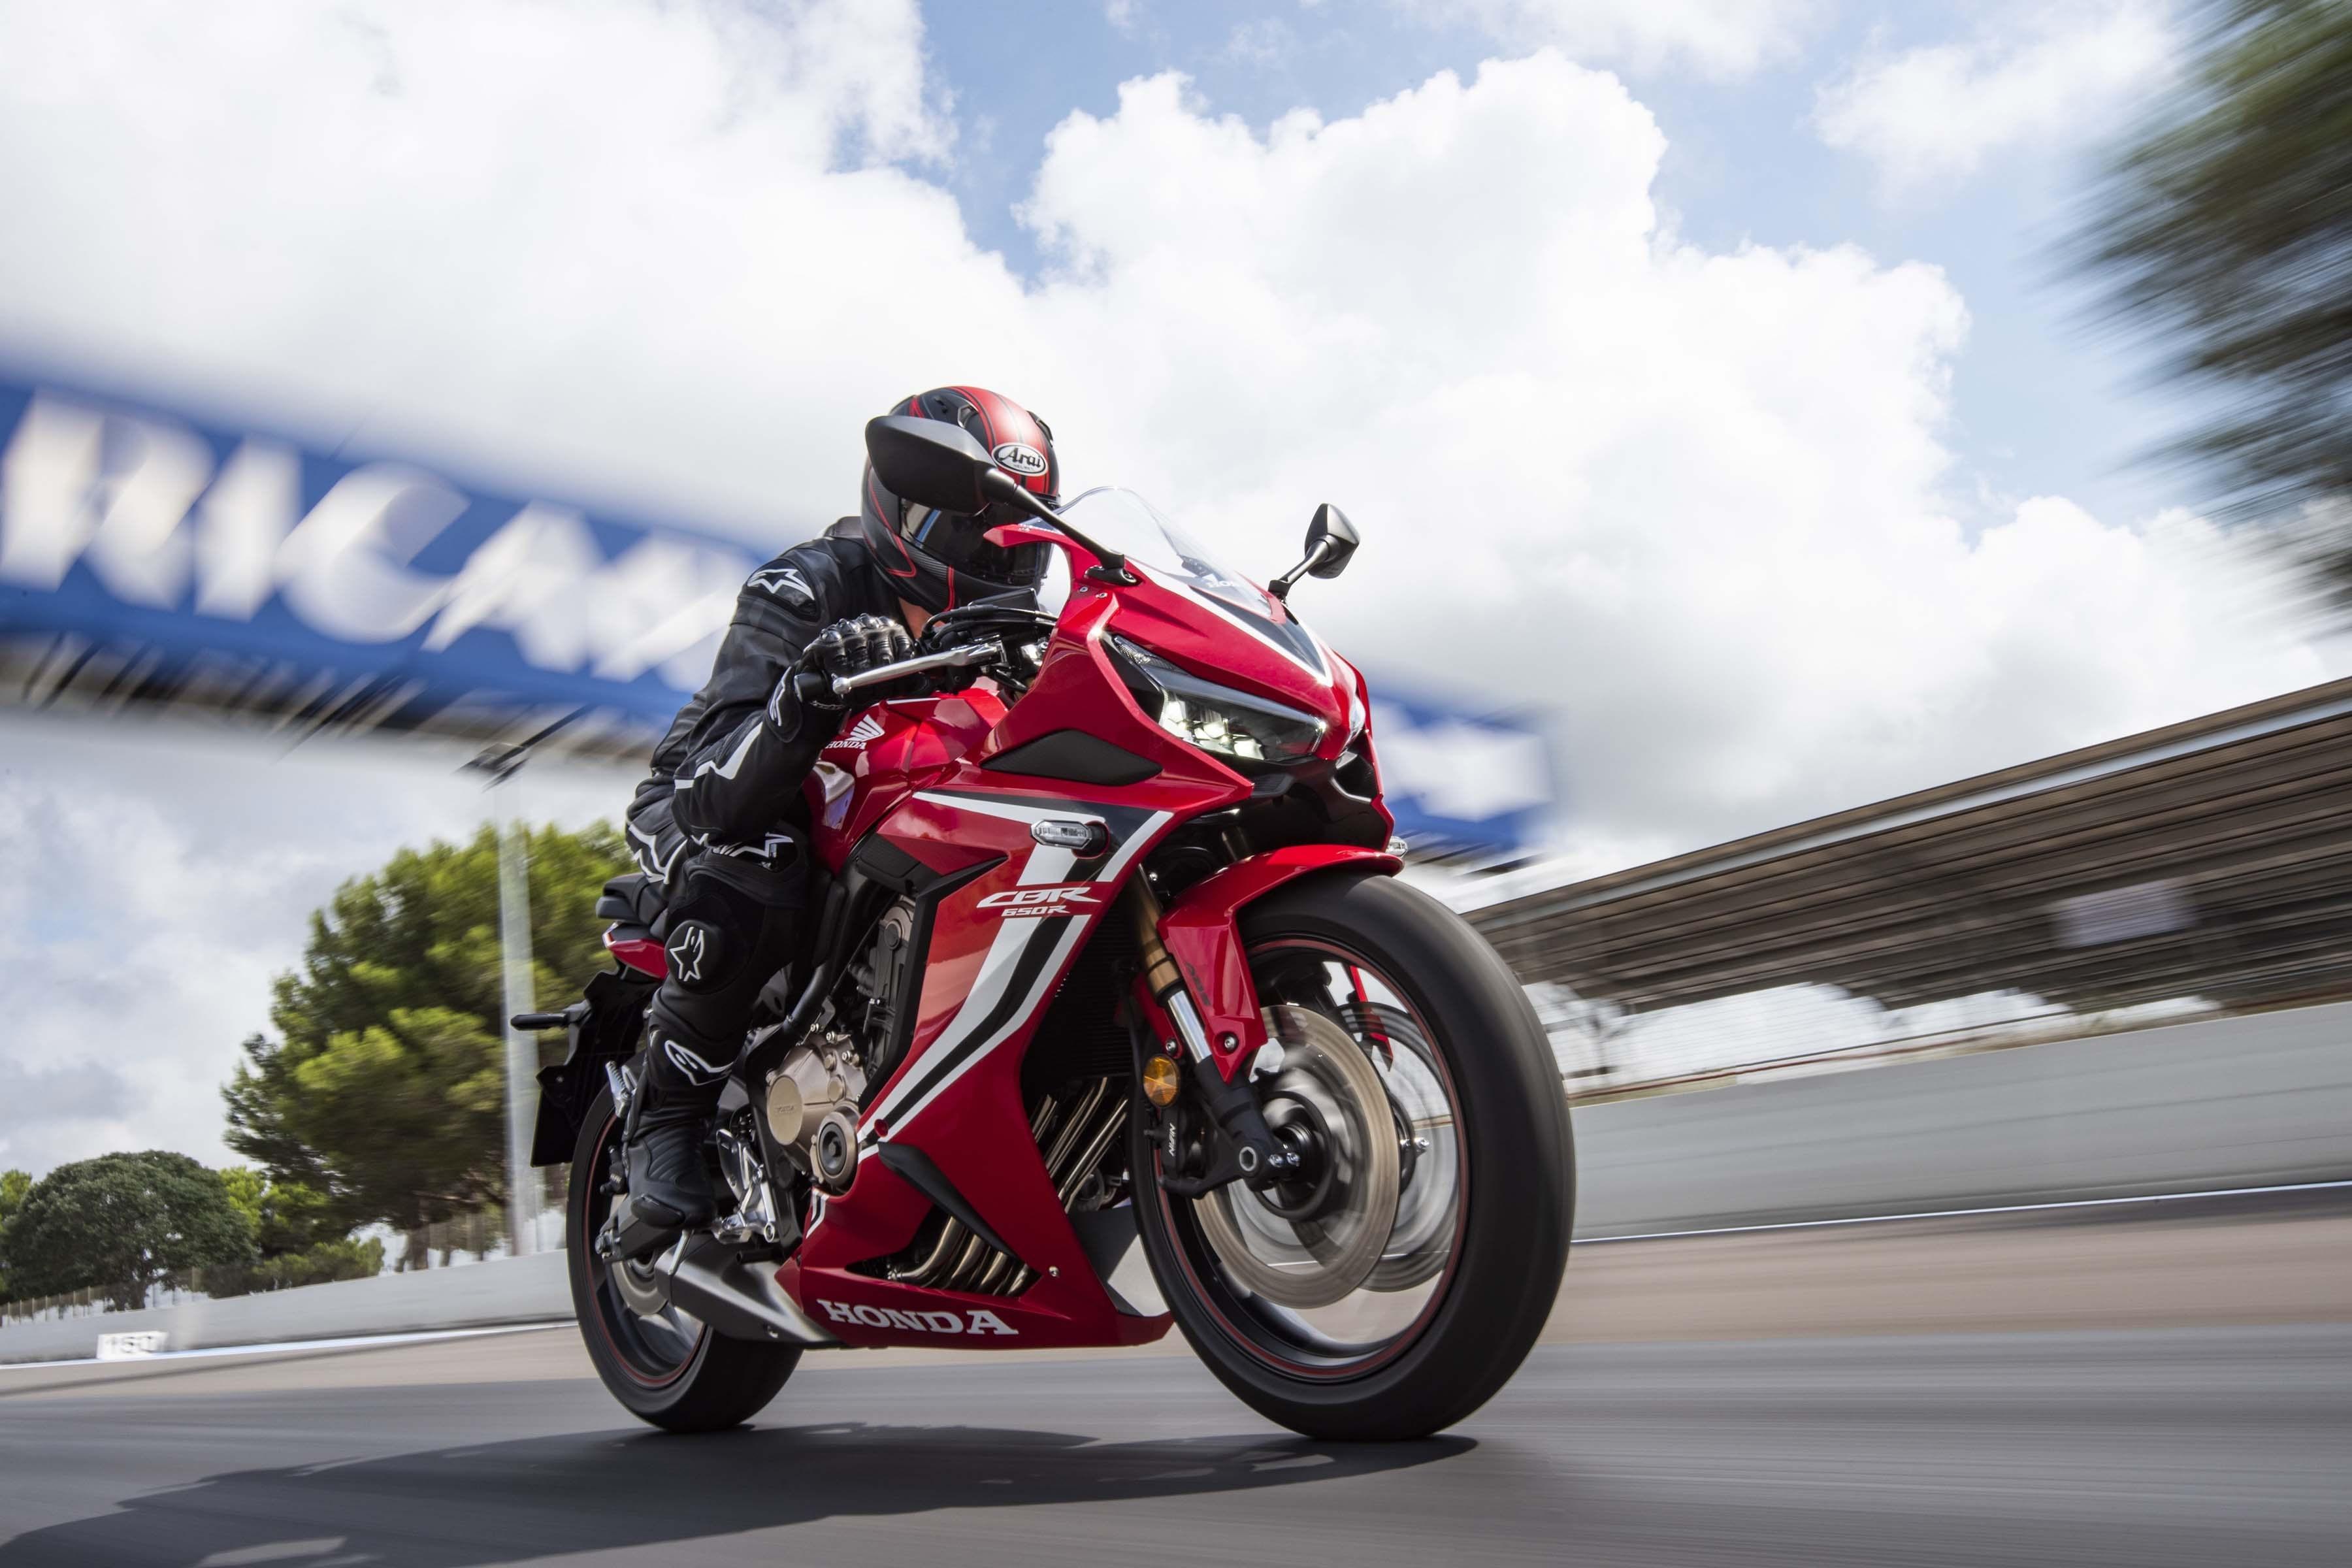 2019-Honda-CBR650-R-37